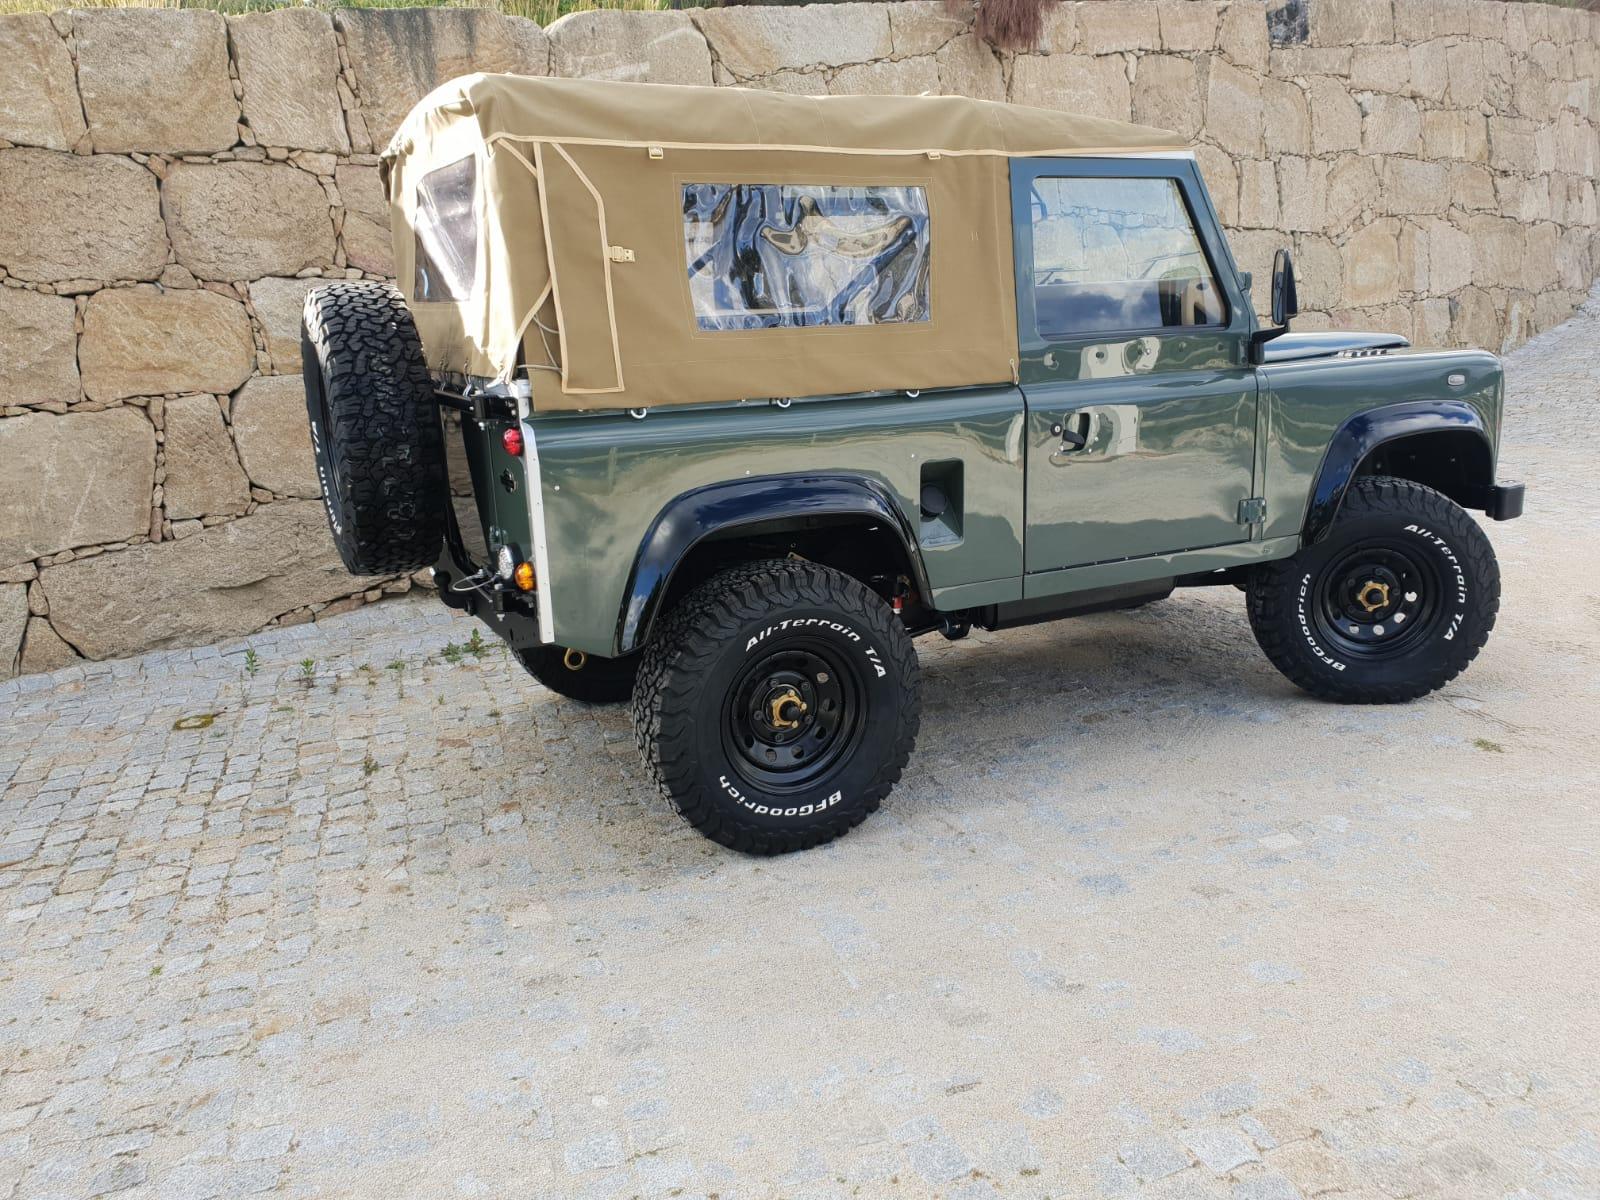 LegacyOverland_ProjKalahari_Defender90_car2.jpg